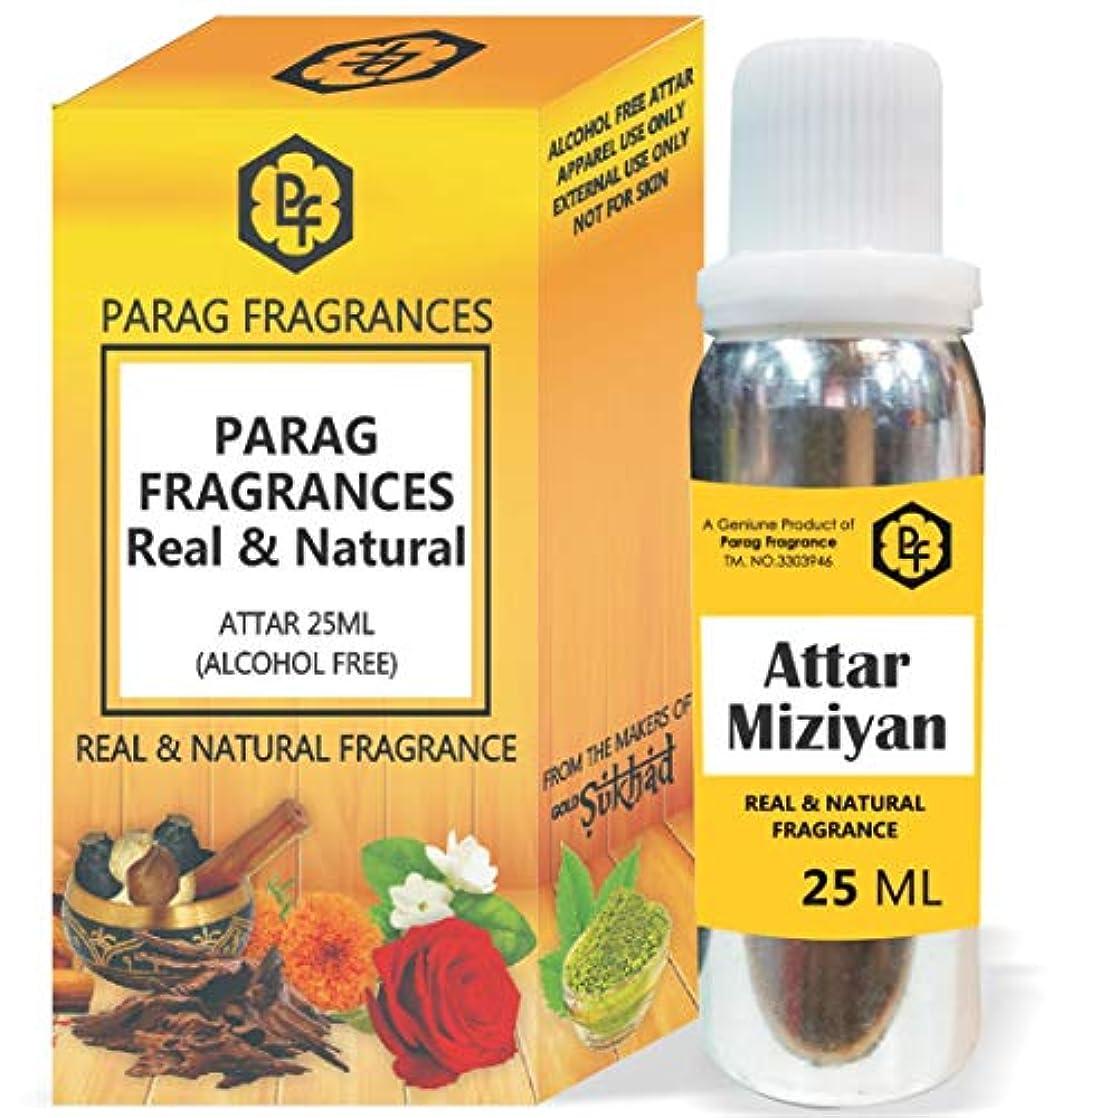 ますます傷つける奨励50/100/200/500パックでファンシー空き瓶(アルコールフリー、ロングラスティング、自然アター)でParagフレグランス25ミリリットルMiziyanアターも利用可能